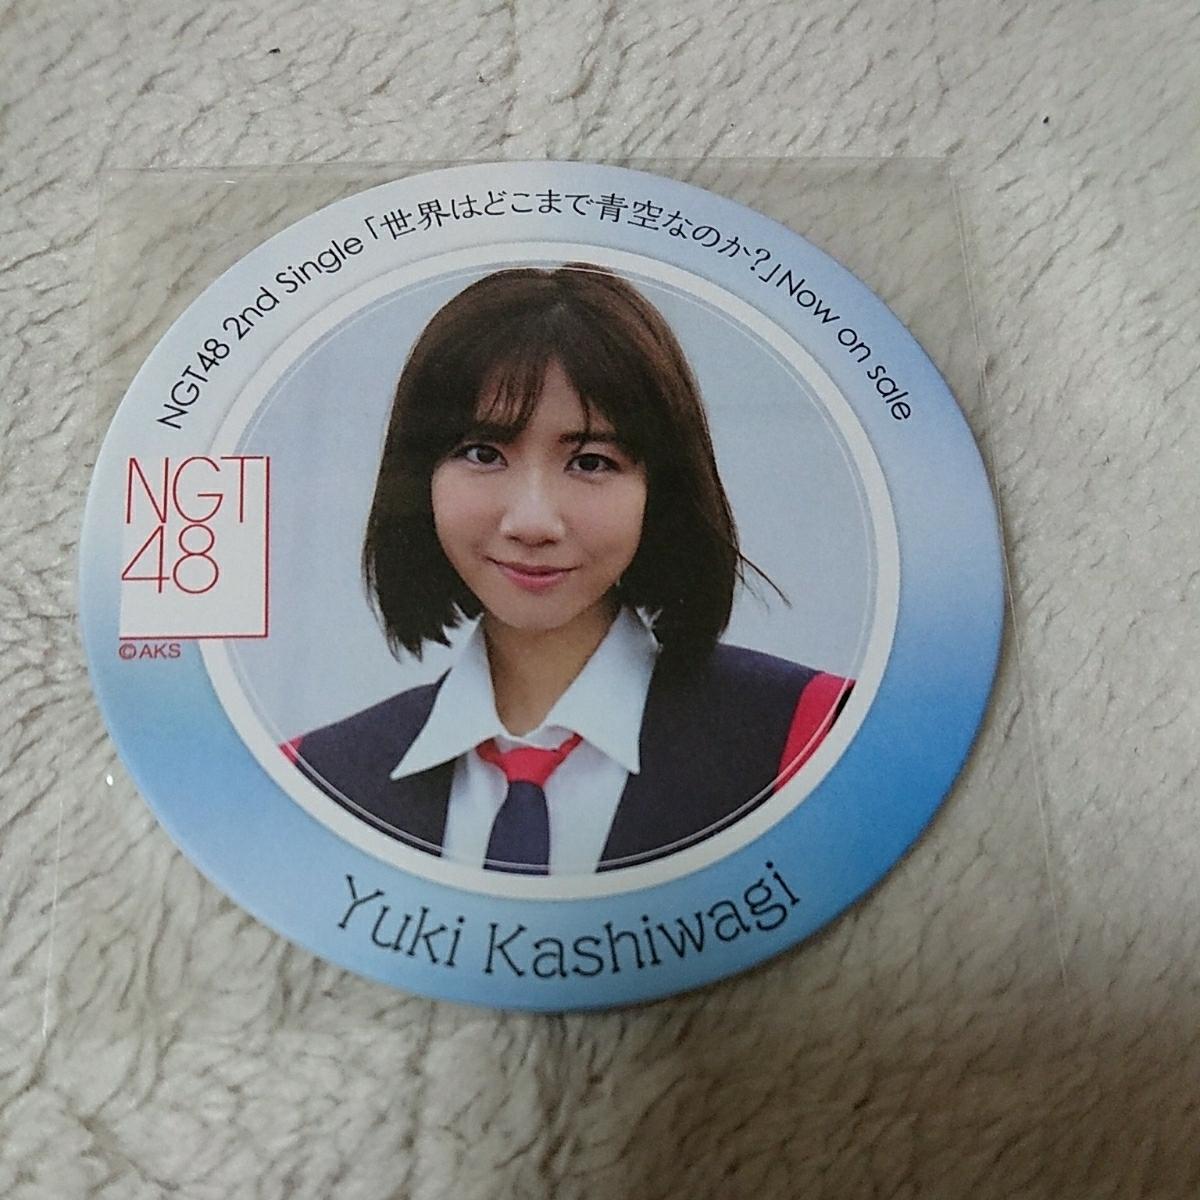 AKB48カフェ 世界はどこまで青空なのか? コラボ コースター NGT48 柏木由紀_画像2